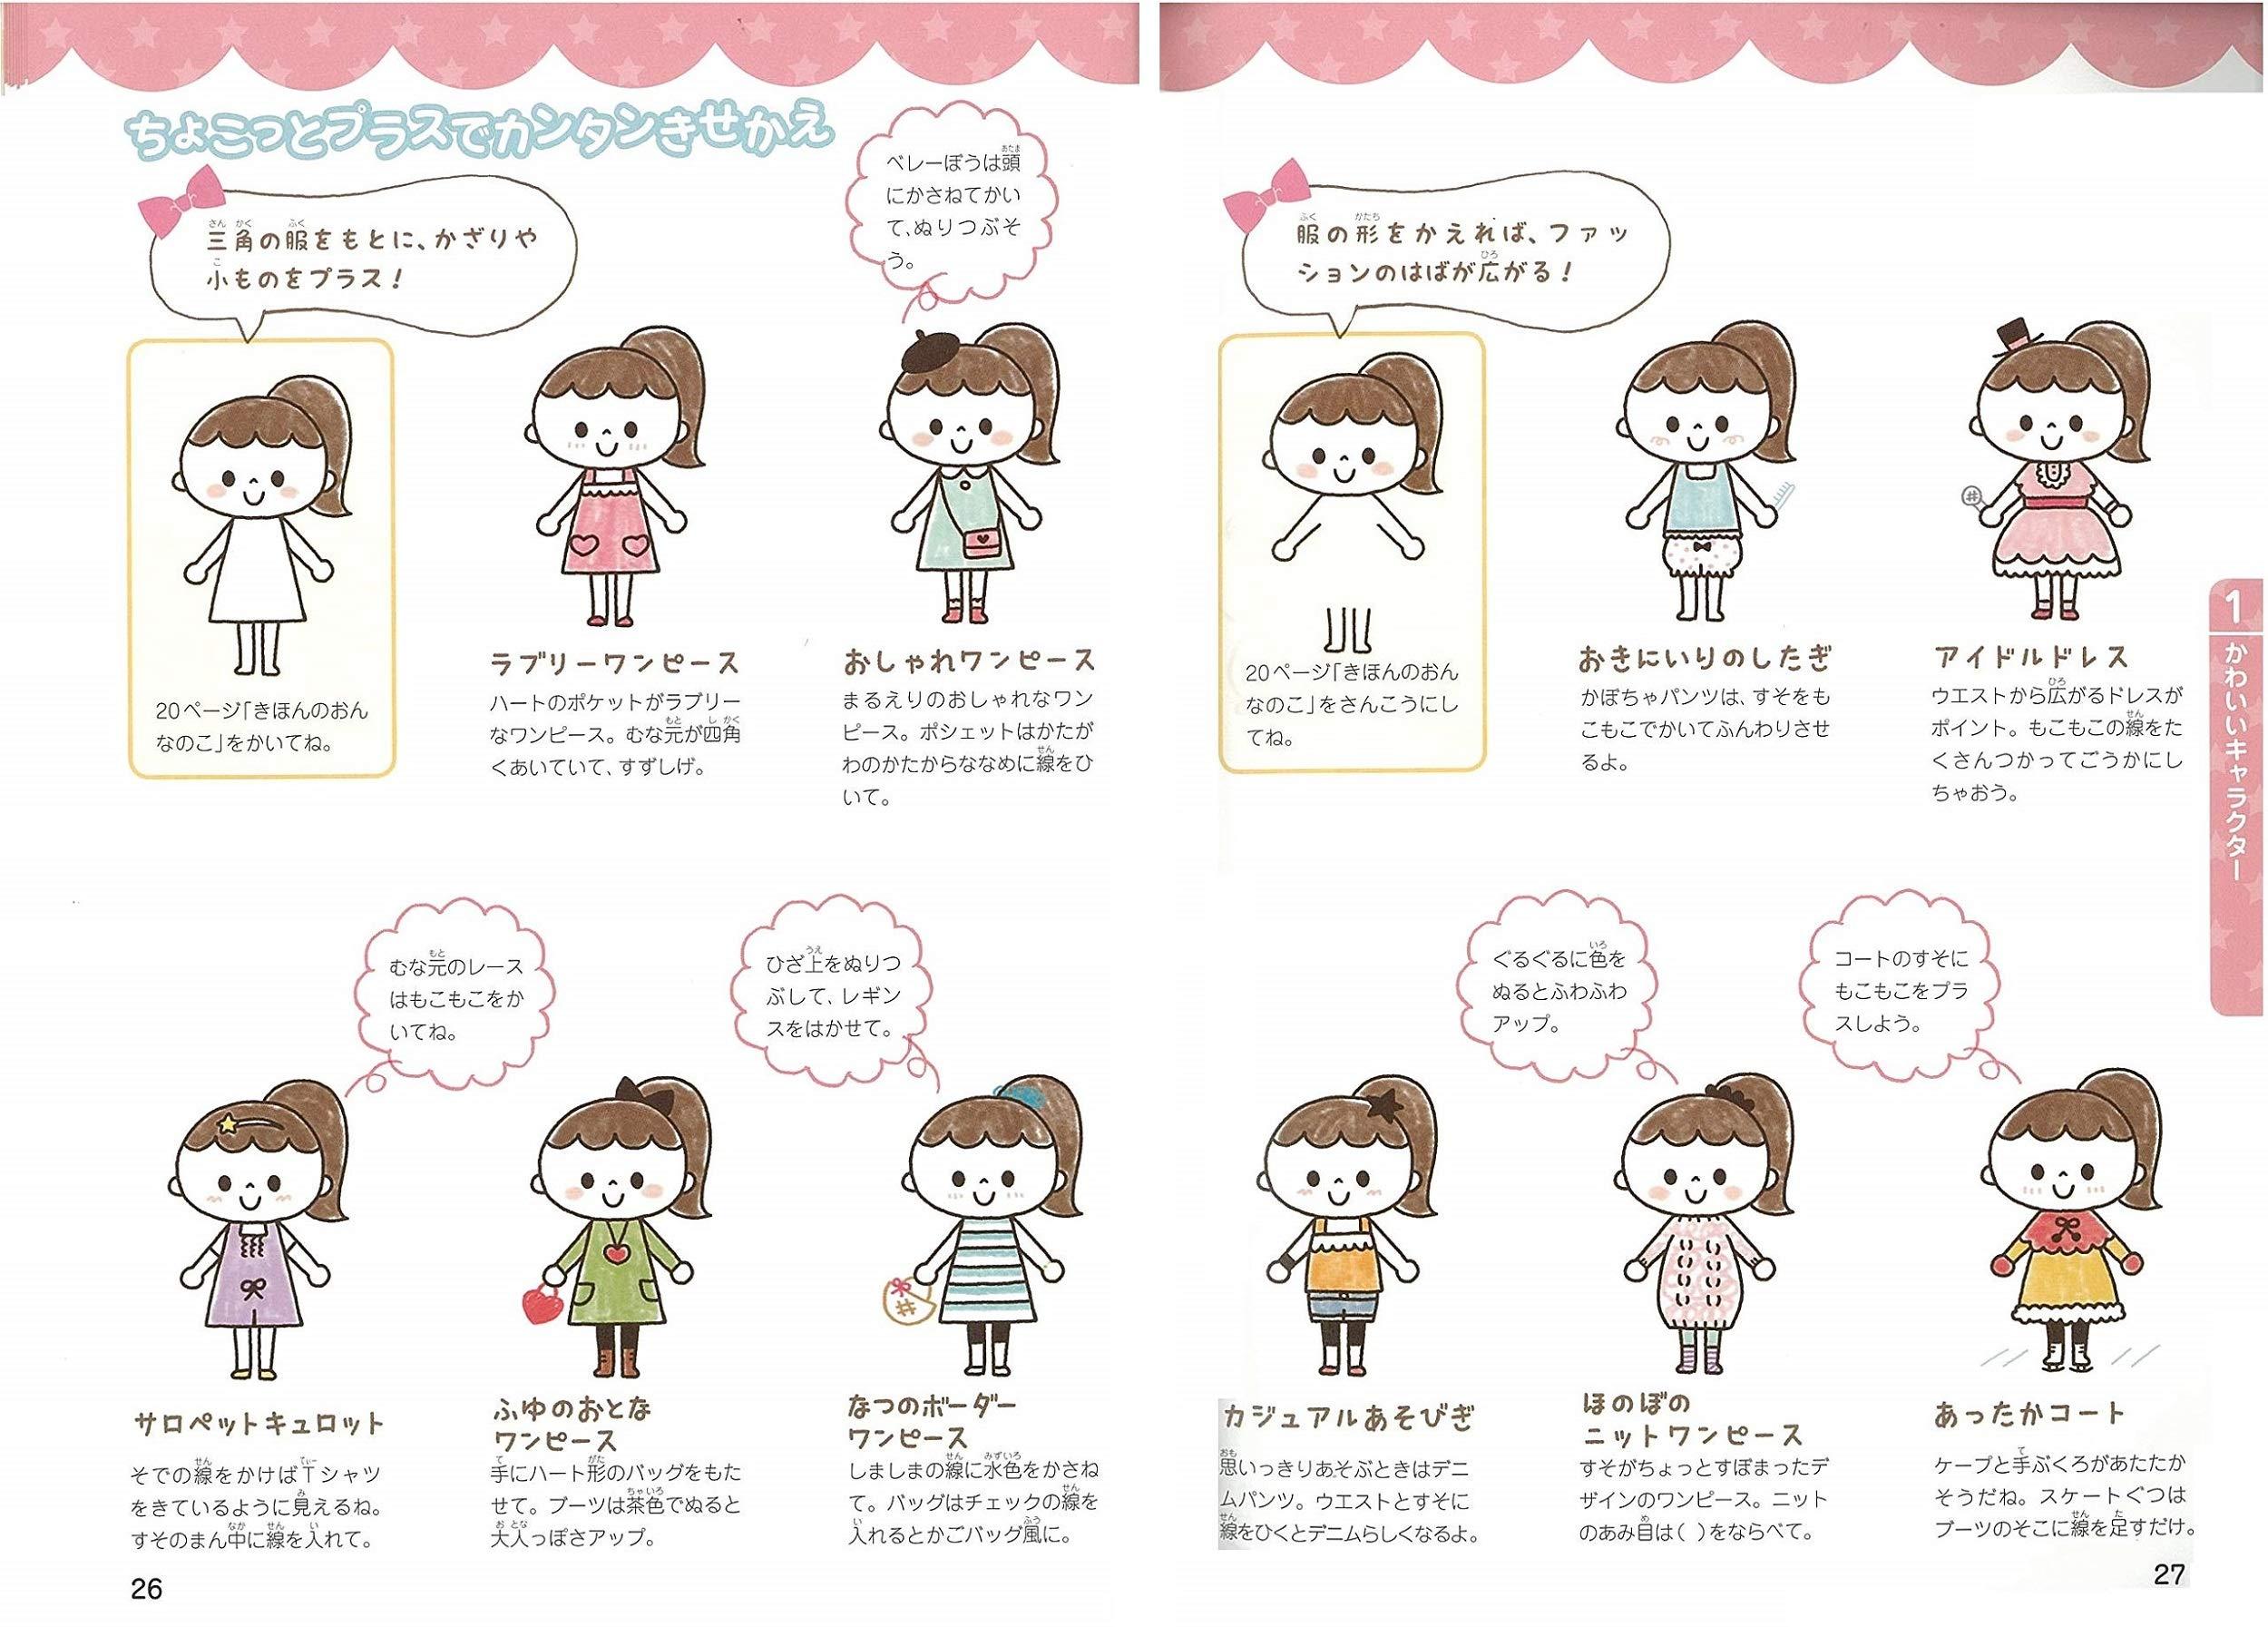 まねしてかんたん 女の子のかわいいイラスト おえかき レッスンブック 新版 コツがわかる本 Yuu 本 通販 Amazon